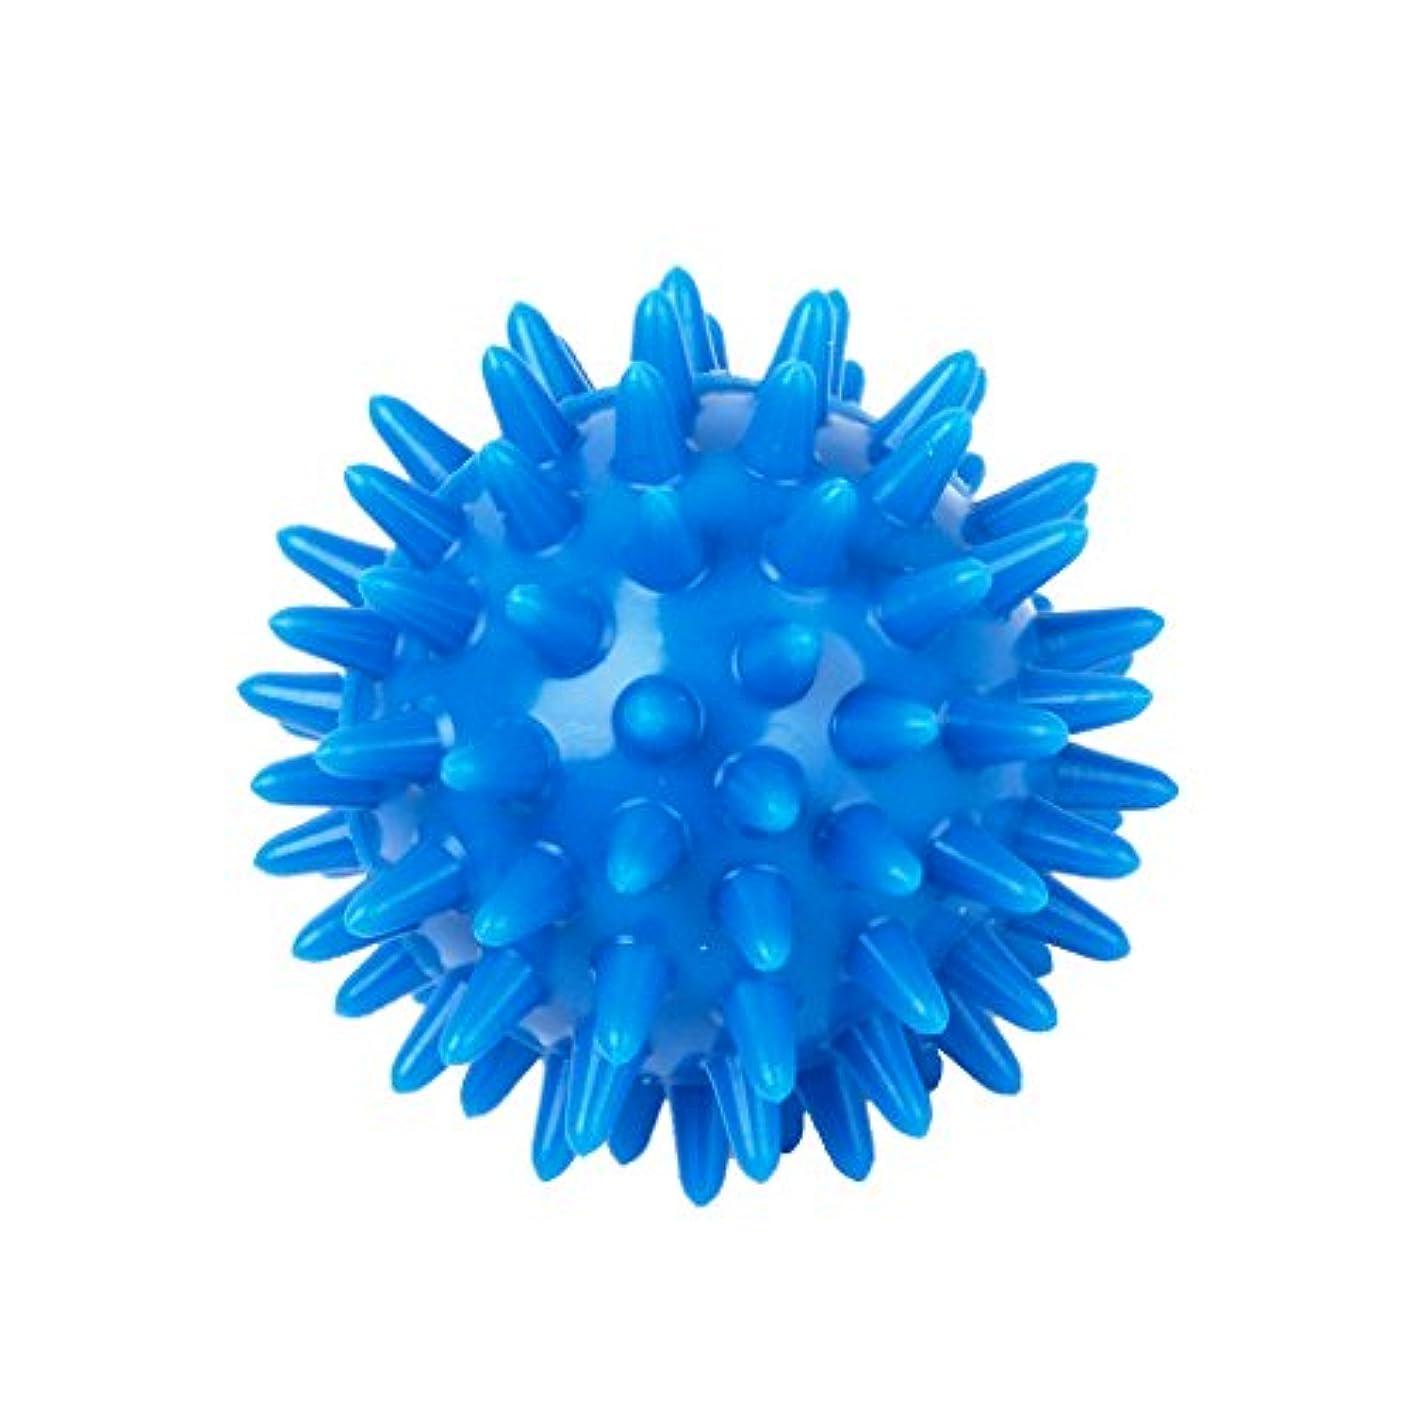 ジャンクイタリッククラシカルPerfk PVC製 足用マッサージボール マッサージボール 筋肉 緊張和らげ  血液循環促進 5.5cm